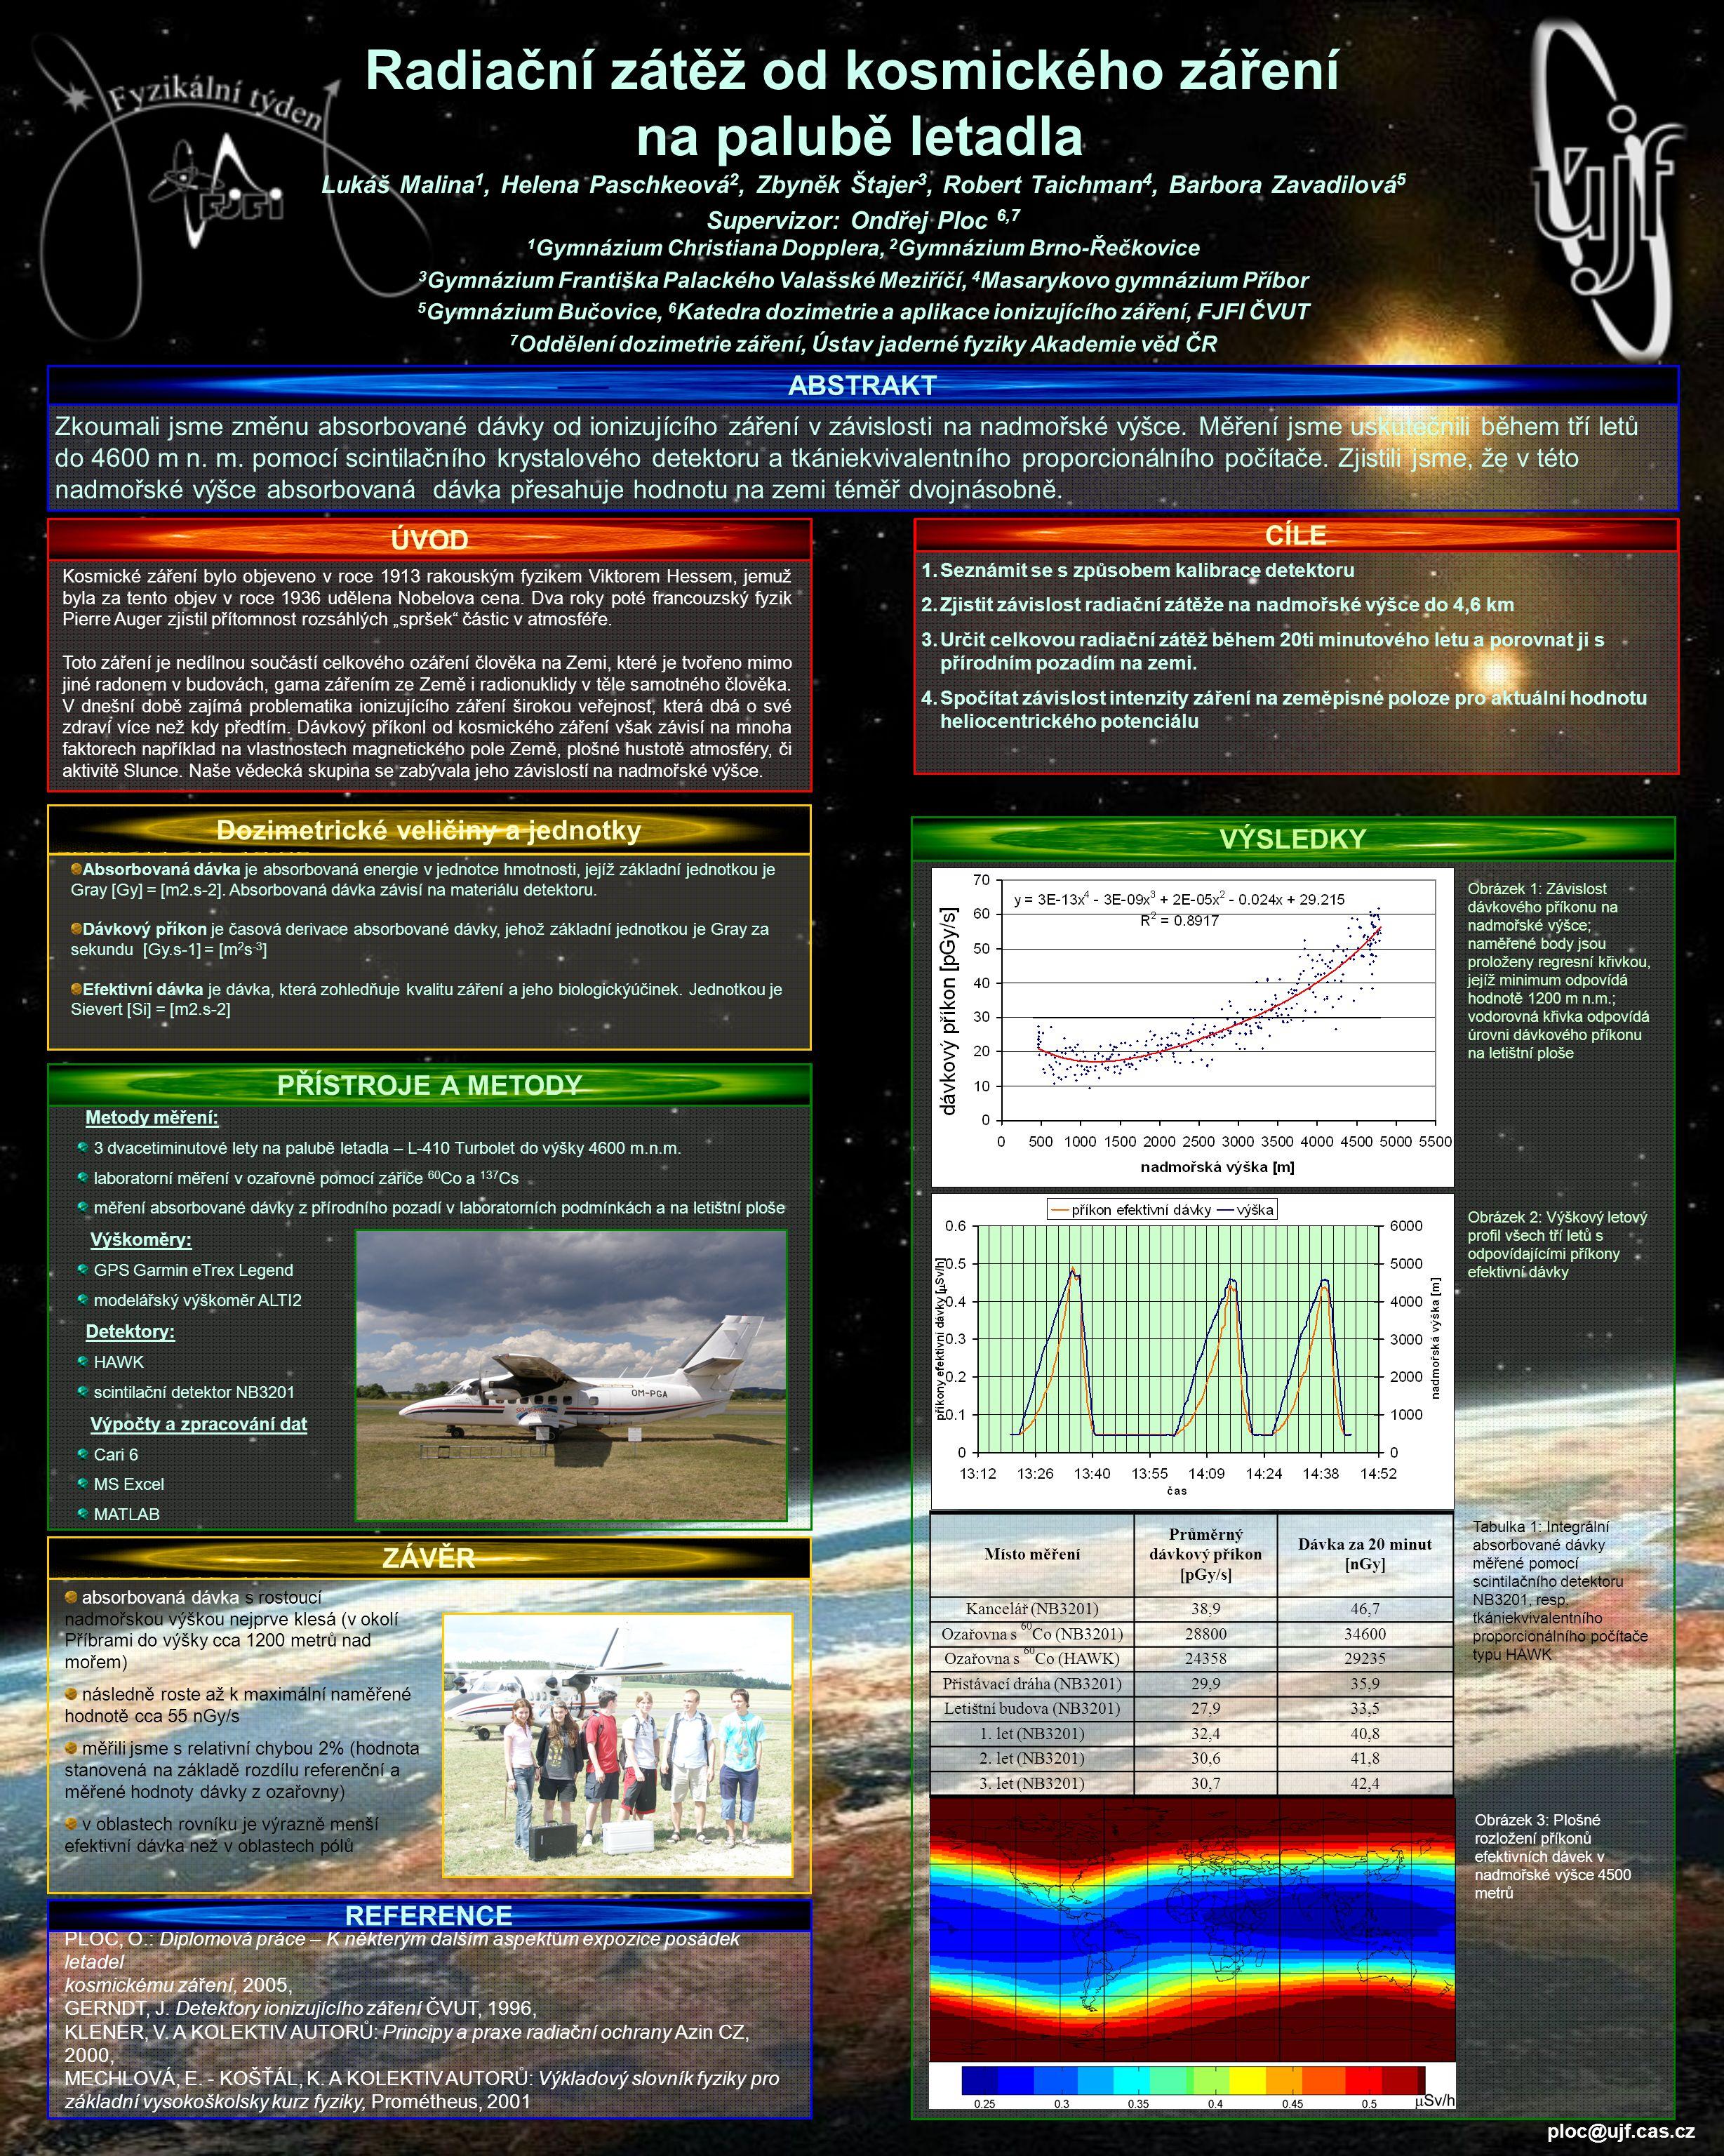 Radiační zátěž od kosmického záření na palubě letadla Zkoumali jsme změnu absorbované dávky od ionizujícího záření v závislosti na nadmořské výšce. Mě